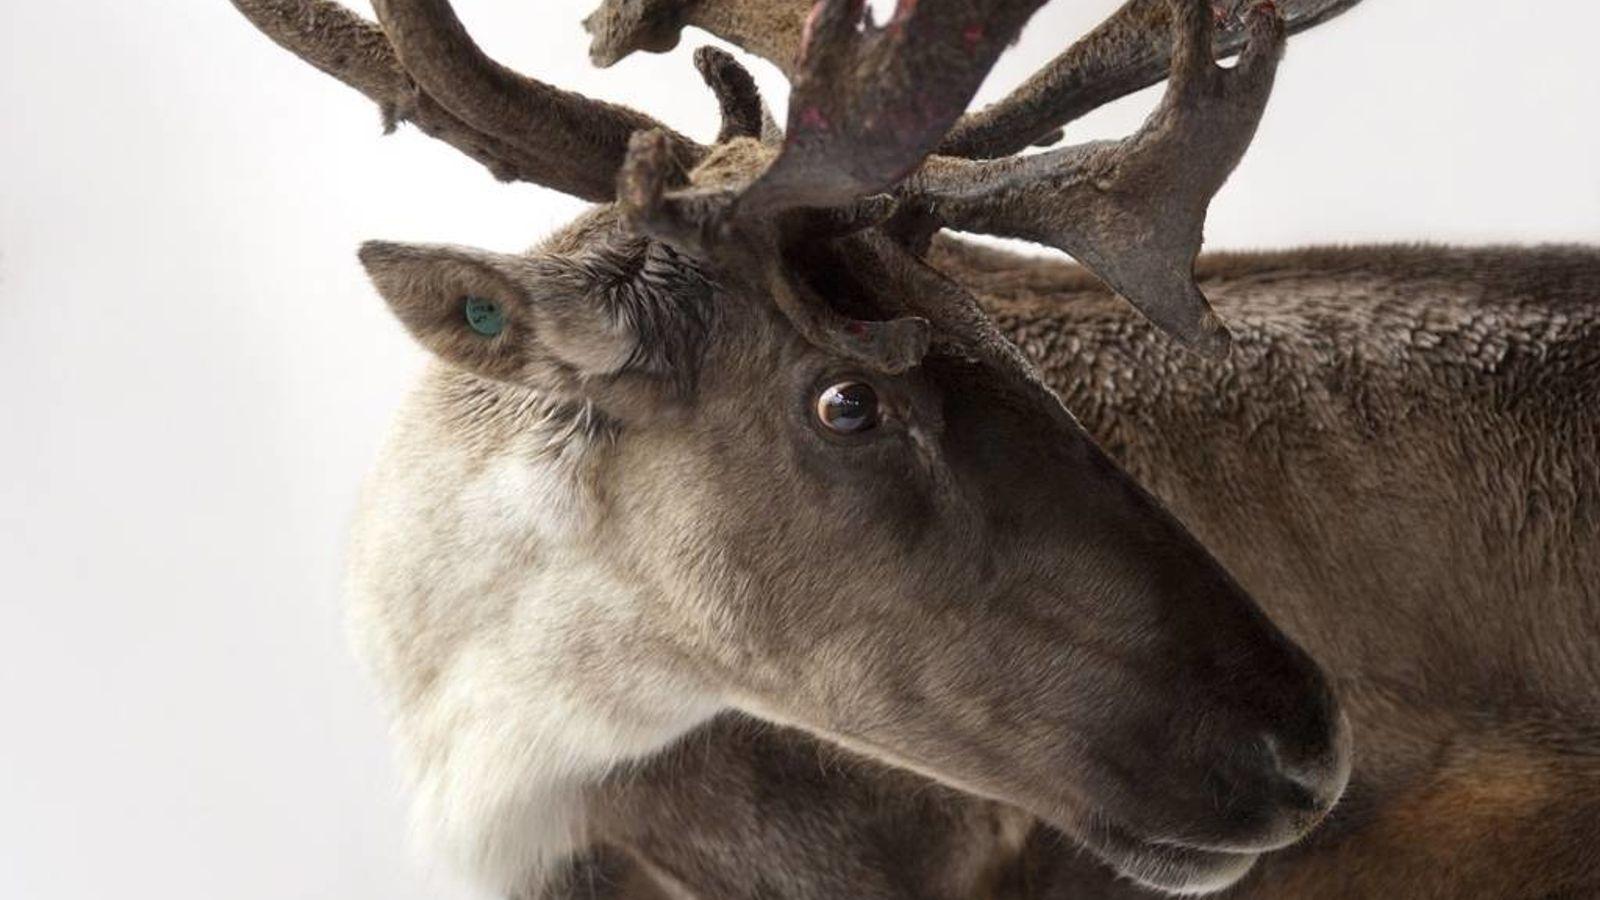 Un caribou du Canada (Rangifer tarandus) photographié par le photographe Joel Sartore dans le cadre du projet ...